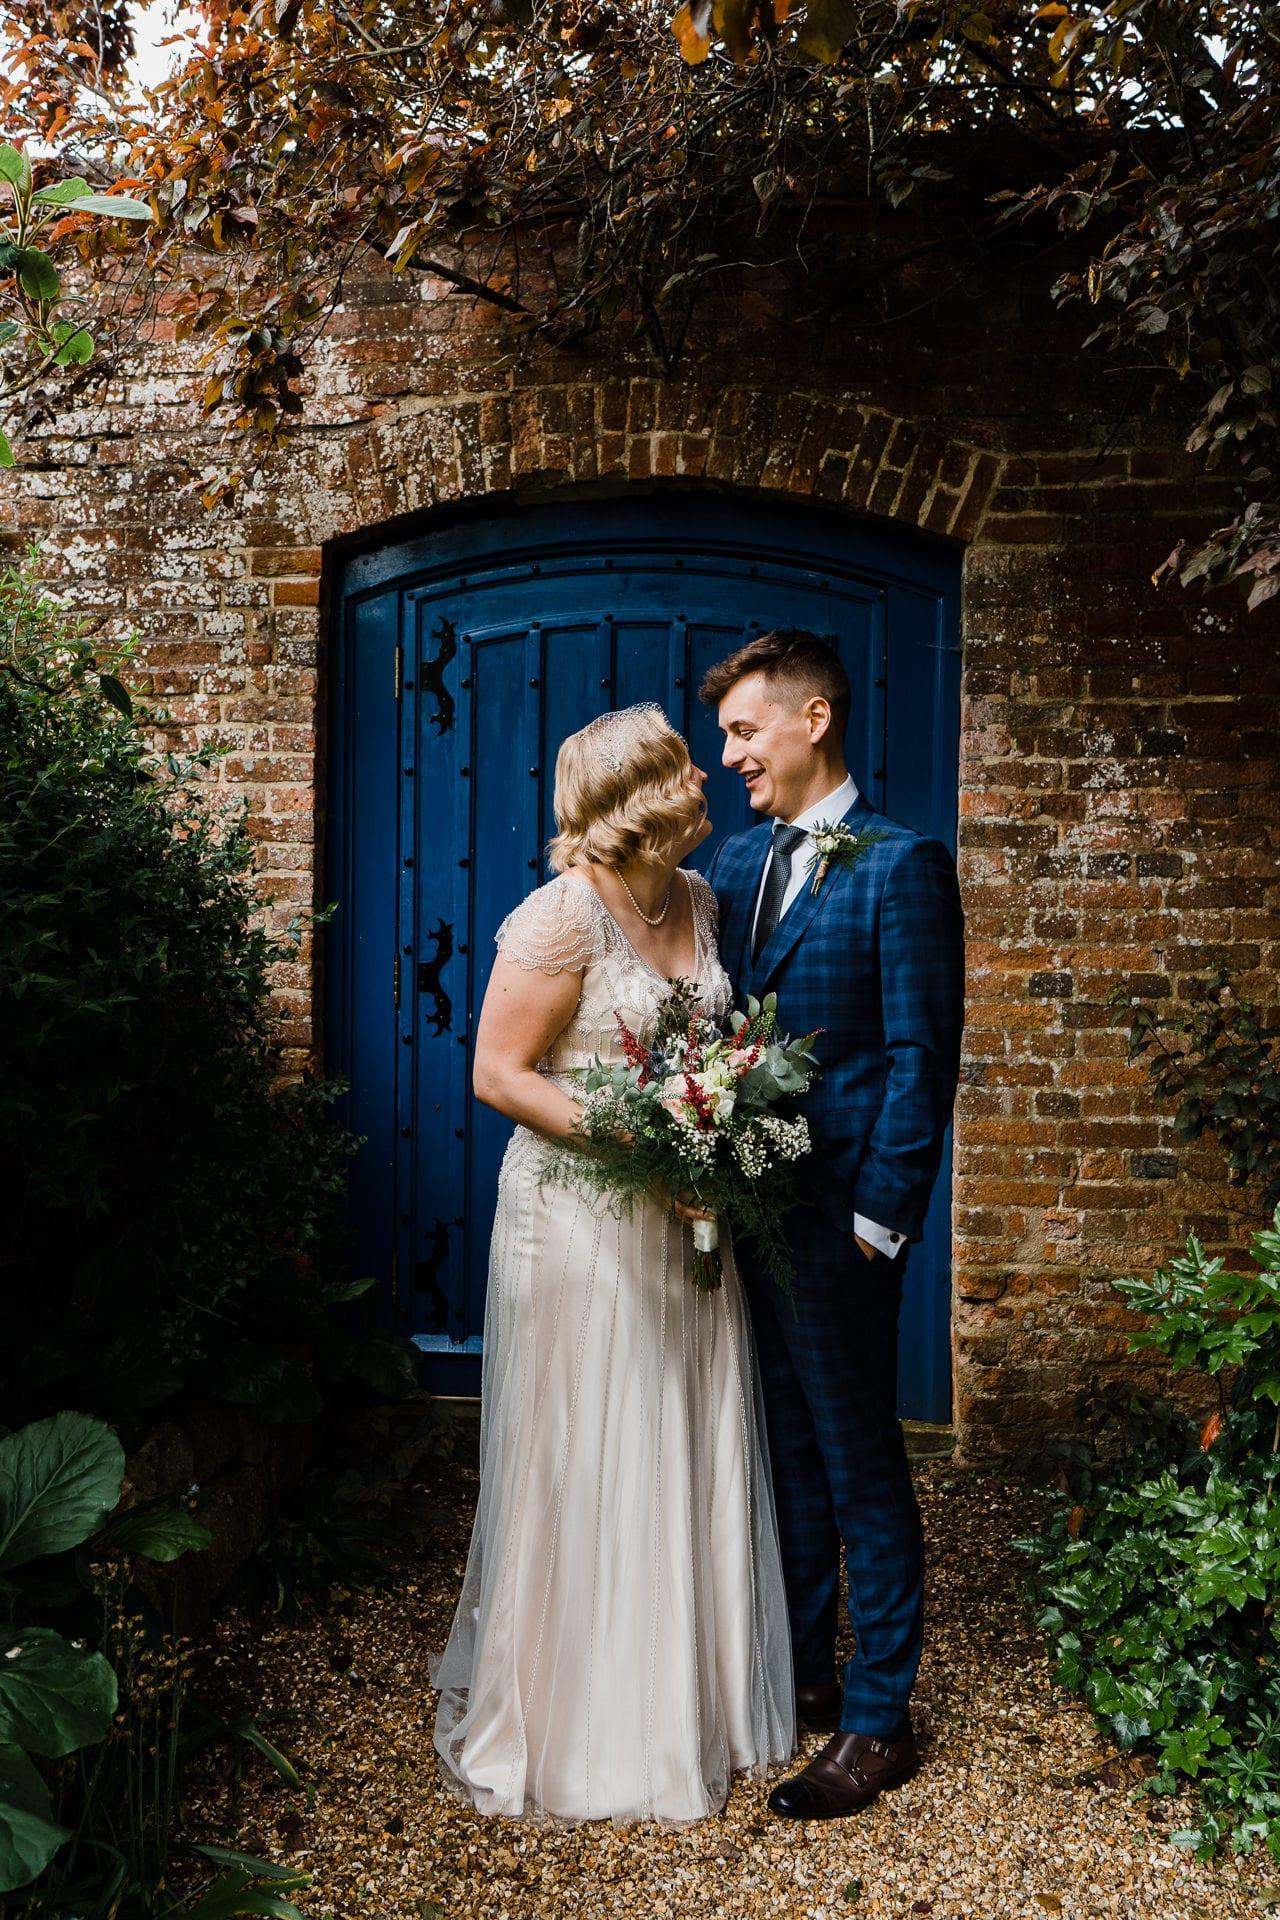 Romantic wedding venue in Surrey